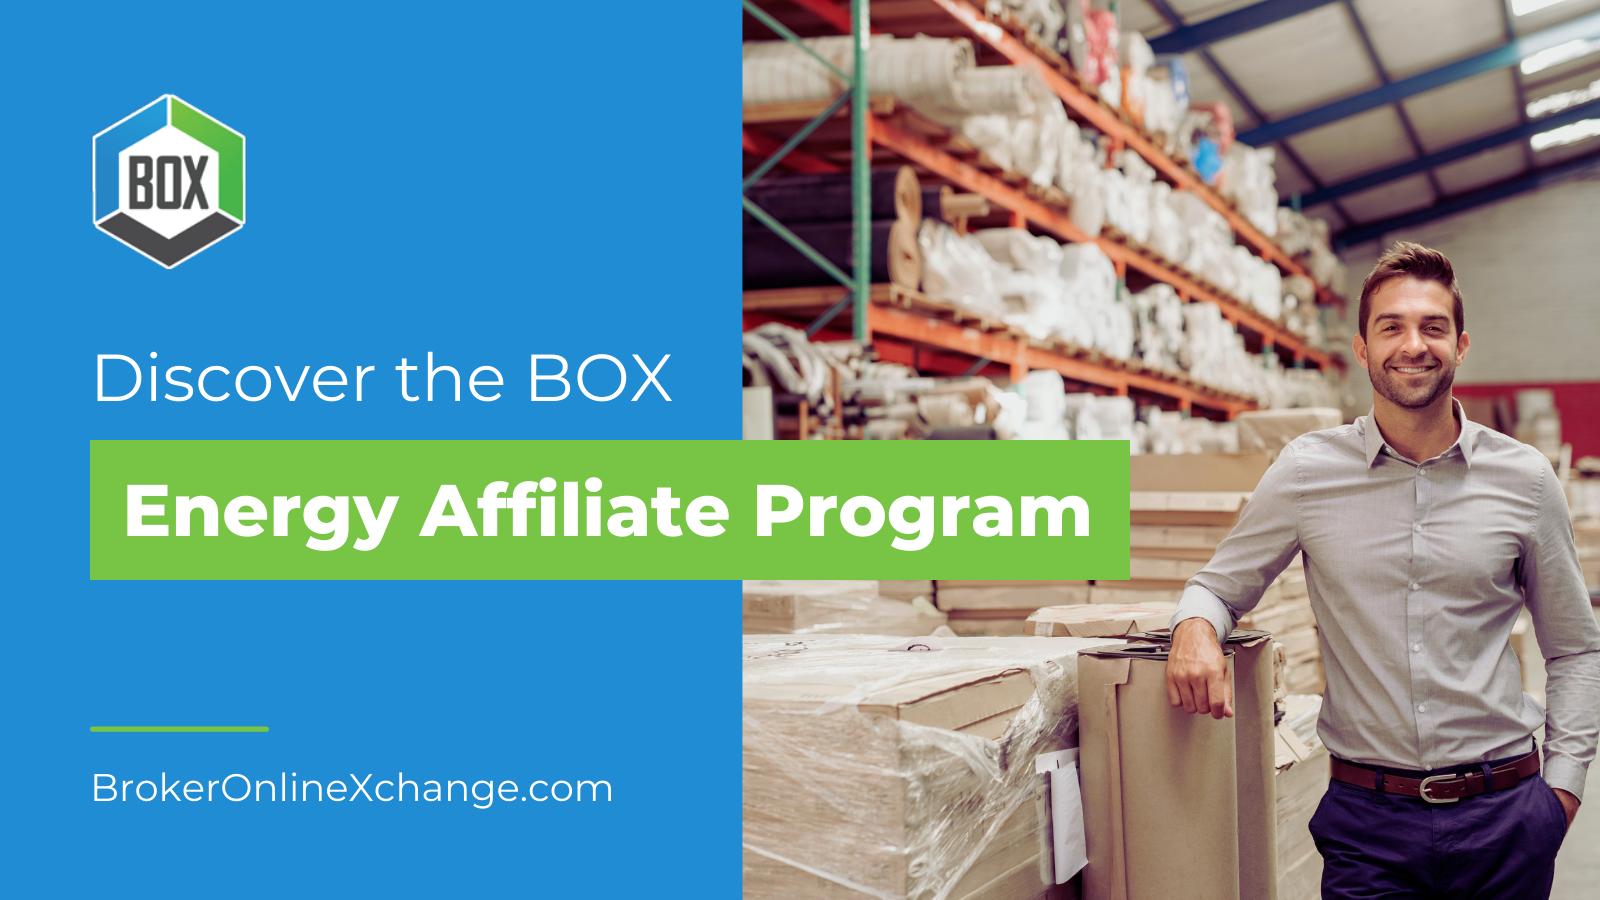 Discover the BOX Energy Affiliate Program